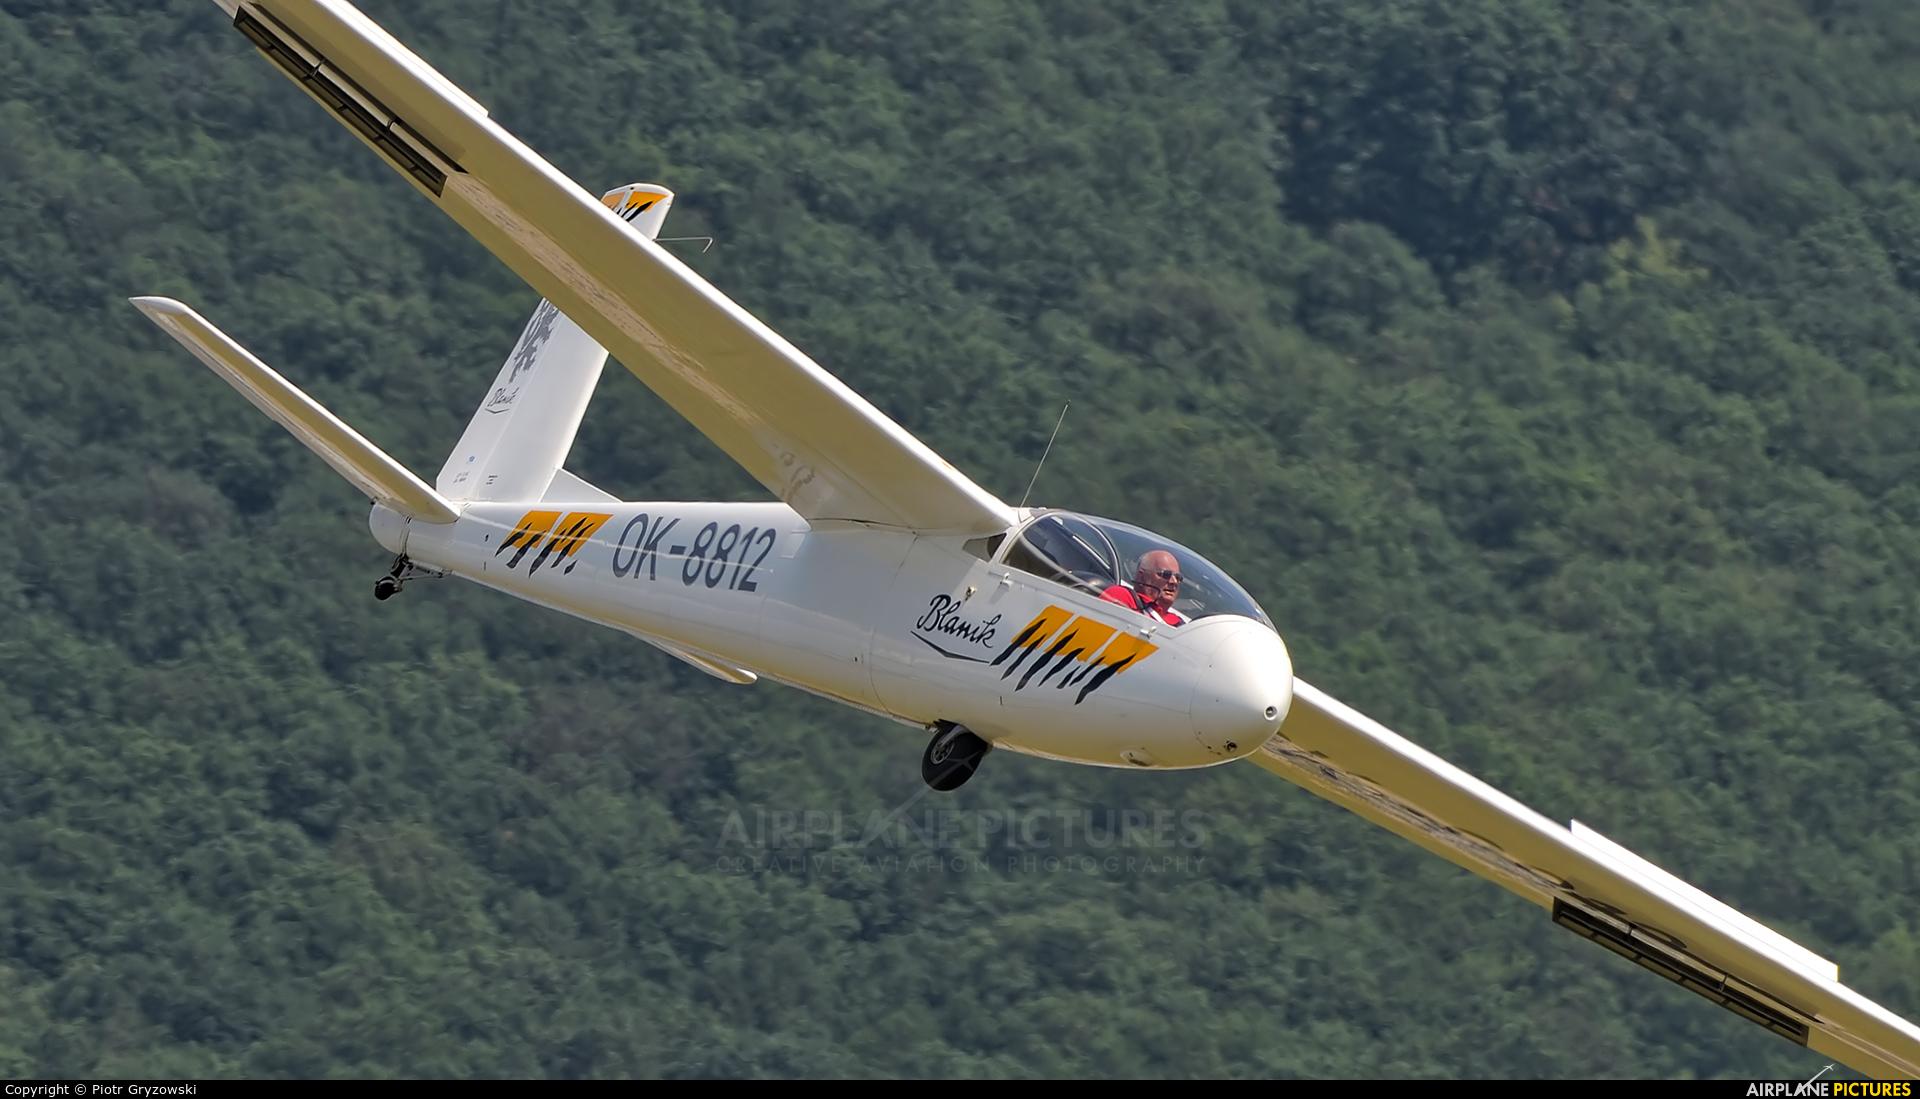 Aeroklub Czech Republic OK-8812 aircraft at Mladá Boleslav